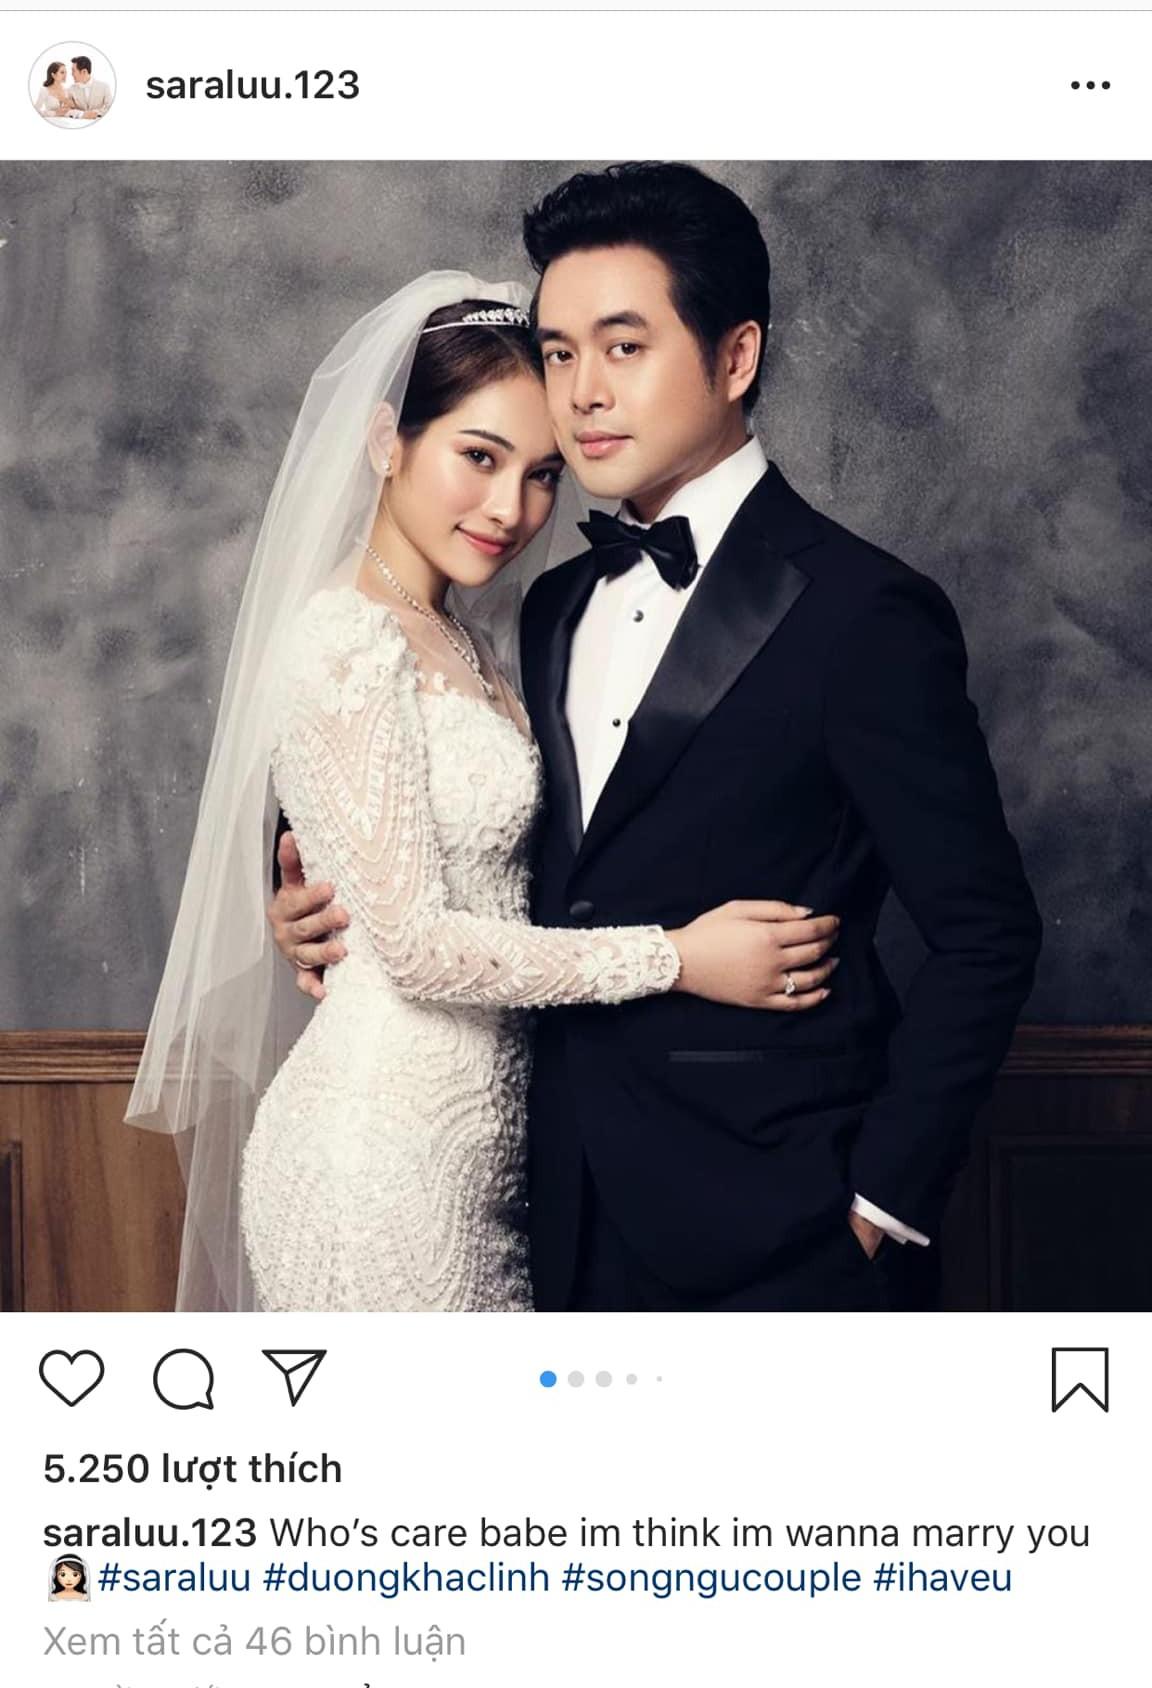 Sara Lưu hạnh phúc viết một câu mừng ngày cưới, dân mạng chỉ cười bò vì… chả ai hiểu - Ảnh 1.